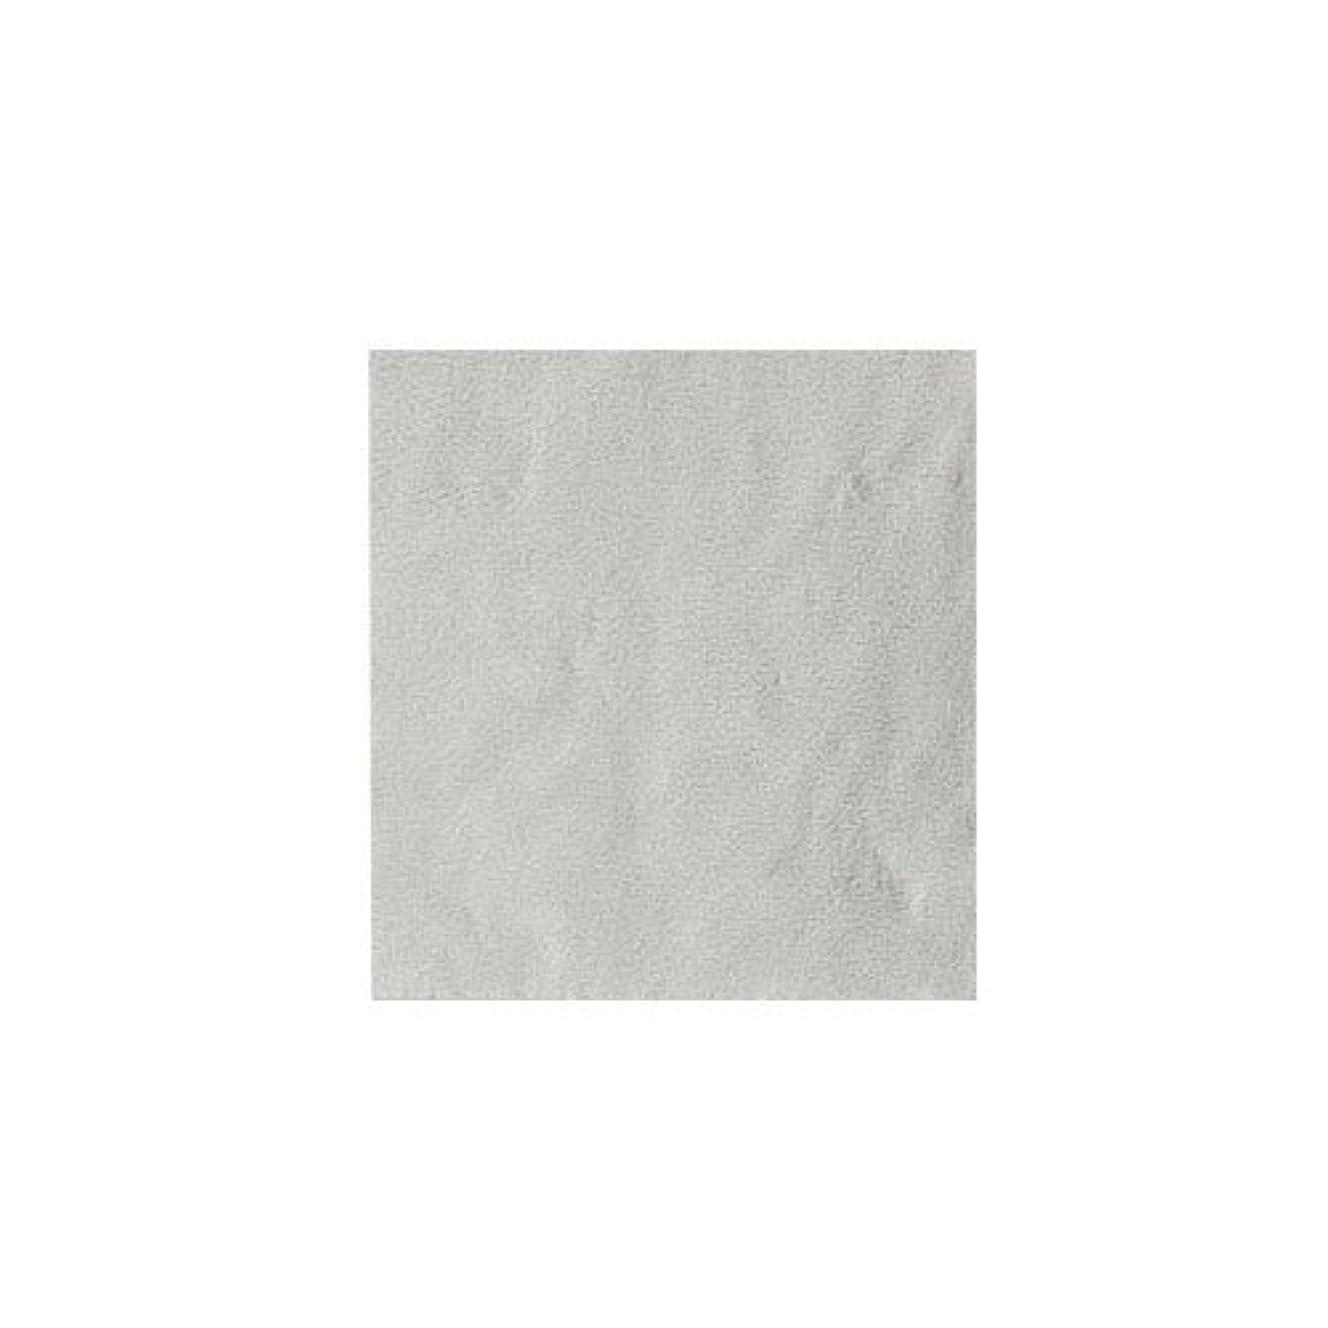 セッション乱気流学ぶピカエース ネイル用パウダー パステル銀箔 #640 パステルホワイト 3.5㎜角×5枚